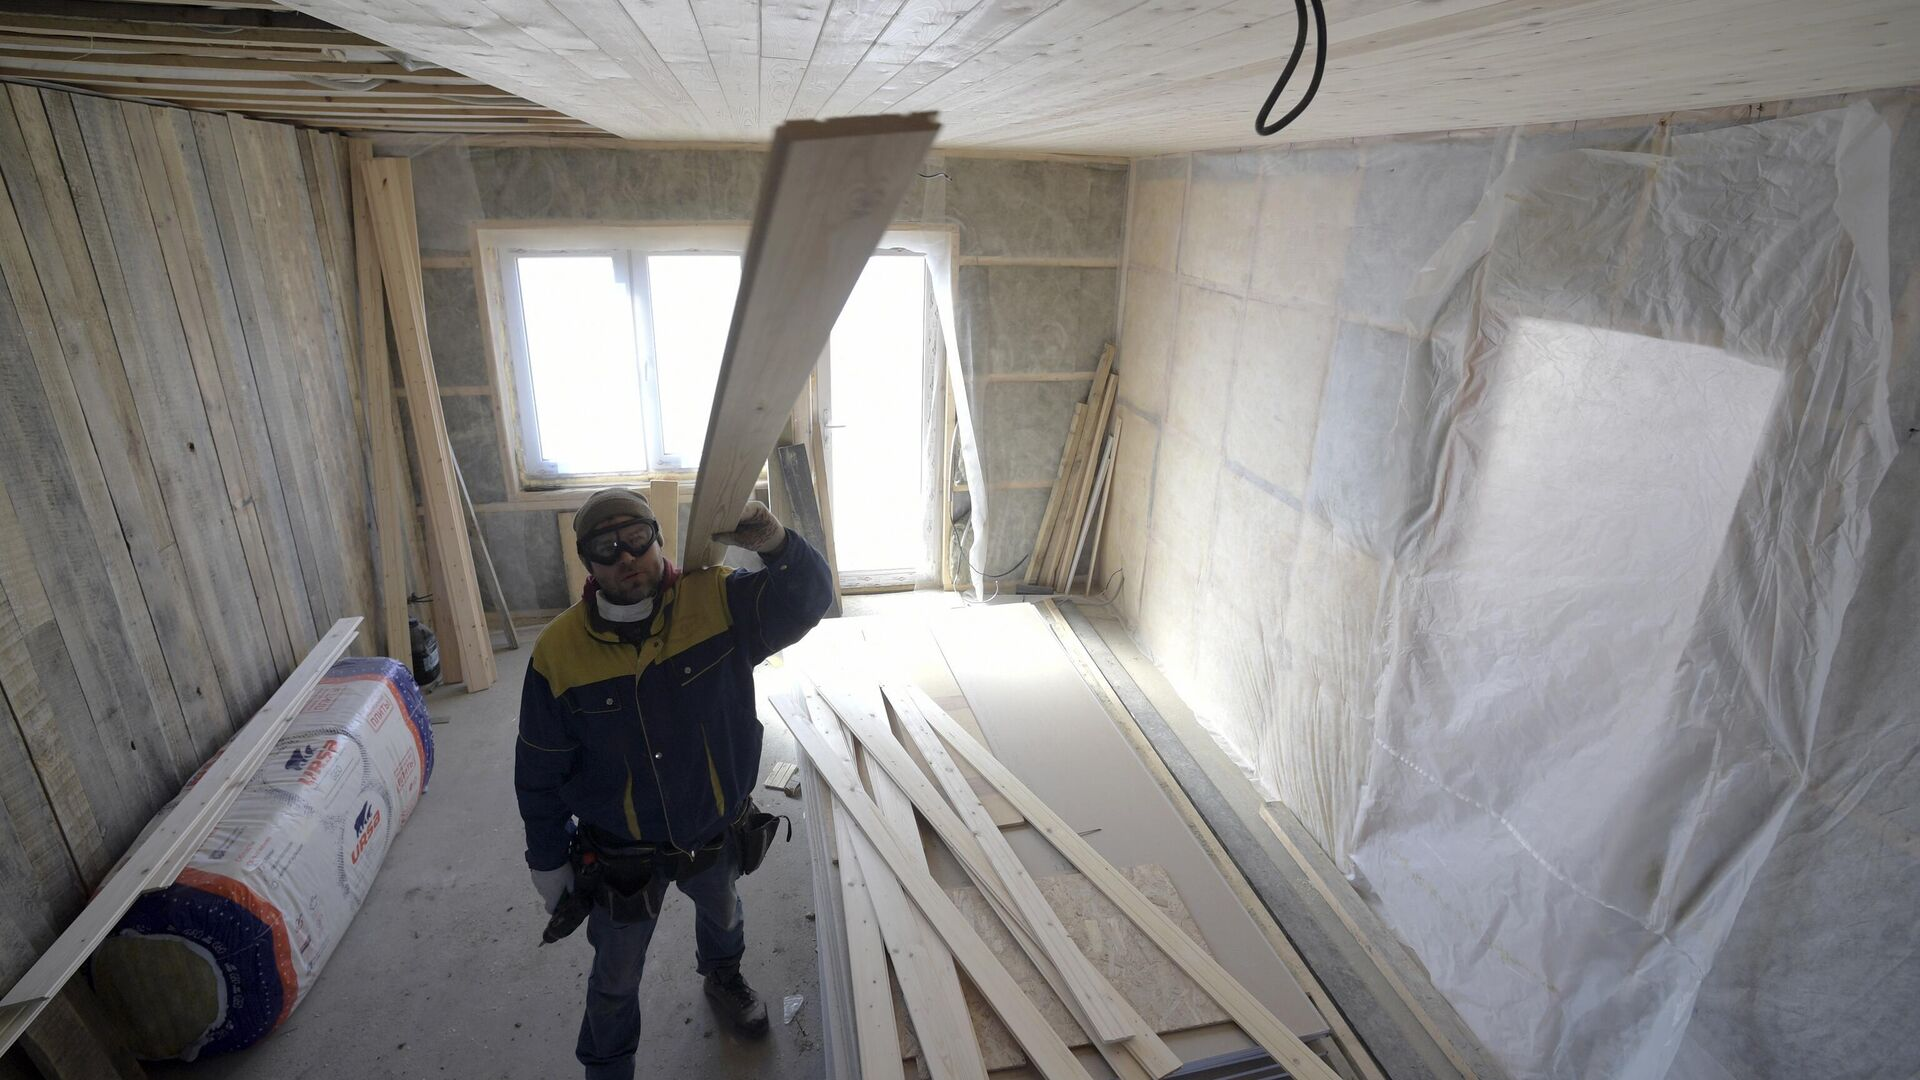 Строительство дома в Ленинградской области - РИА Новости, 1920, 26.01.2021